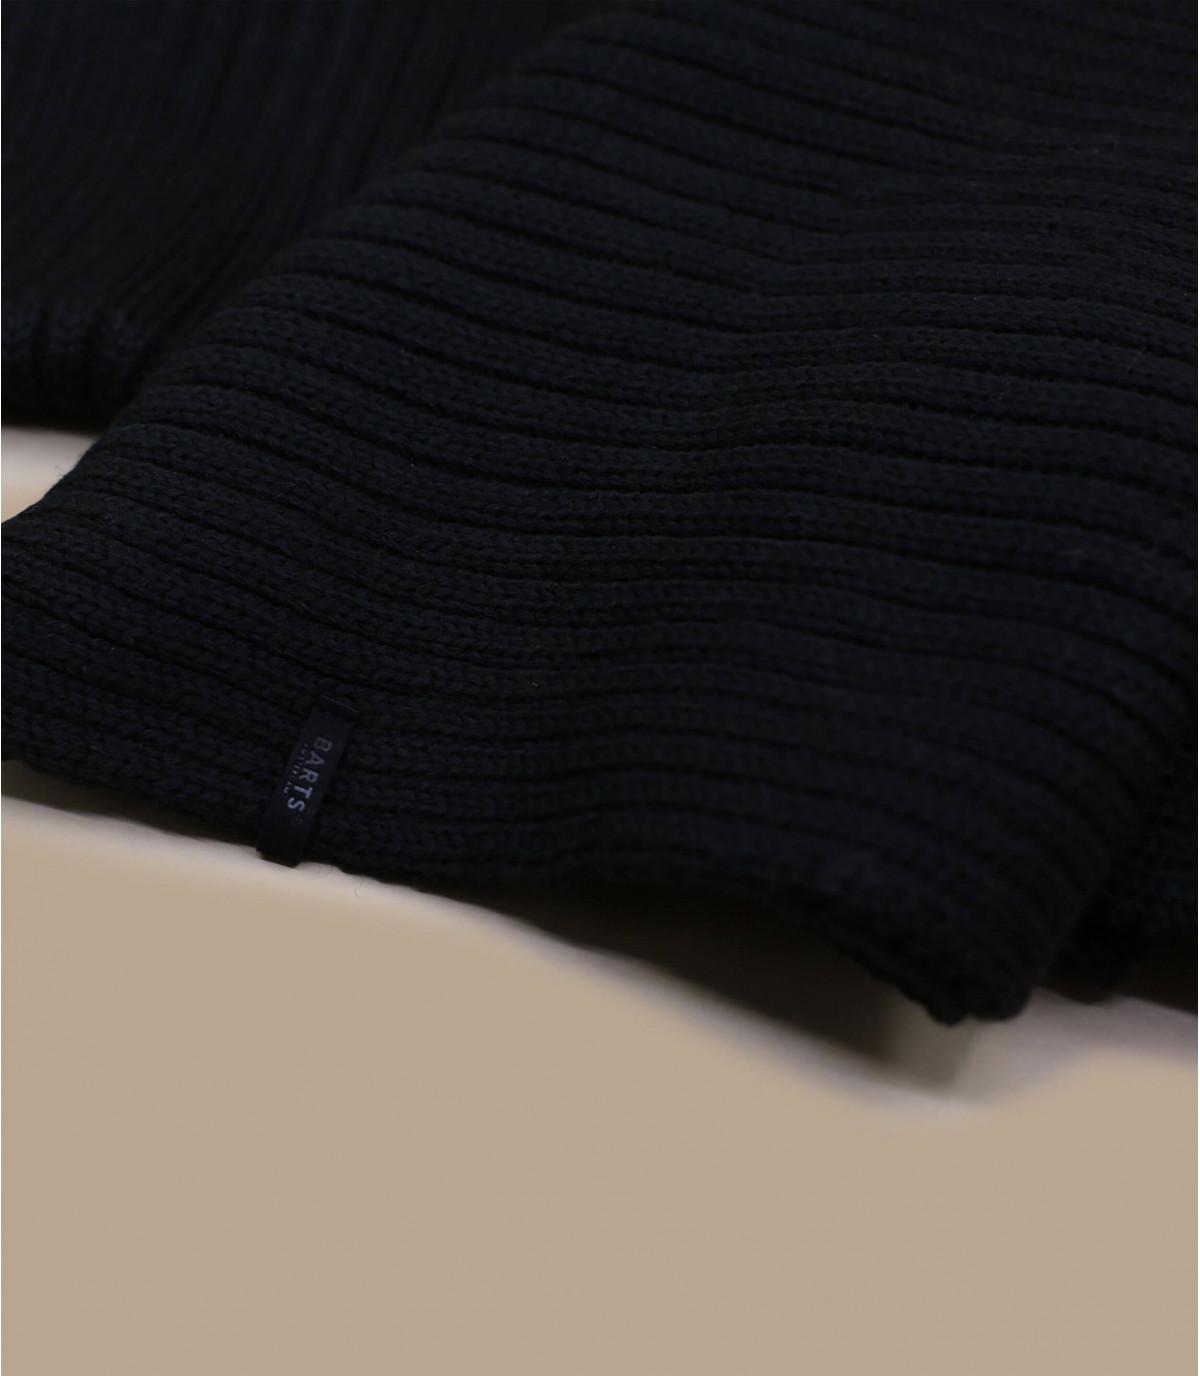 Black wilbert scarf